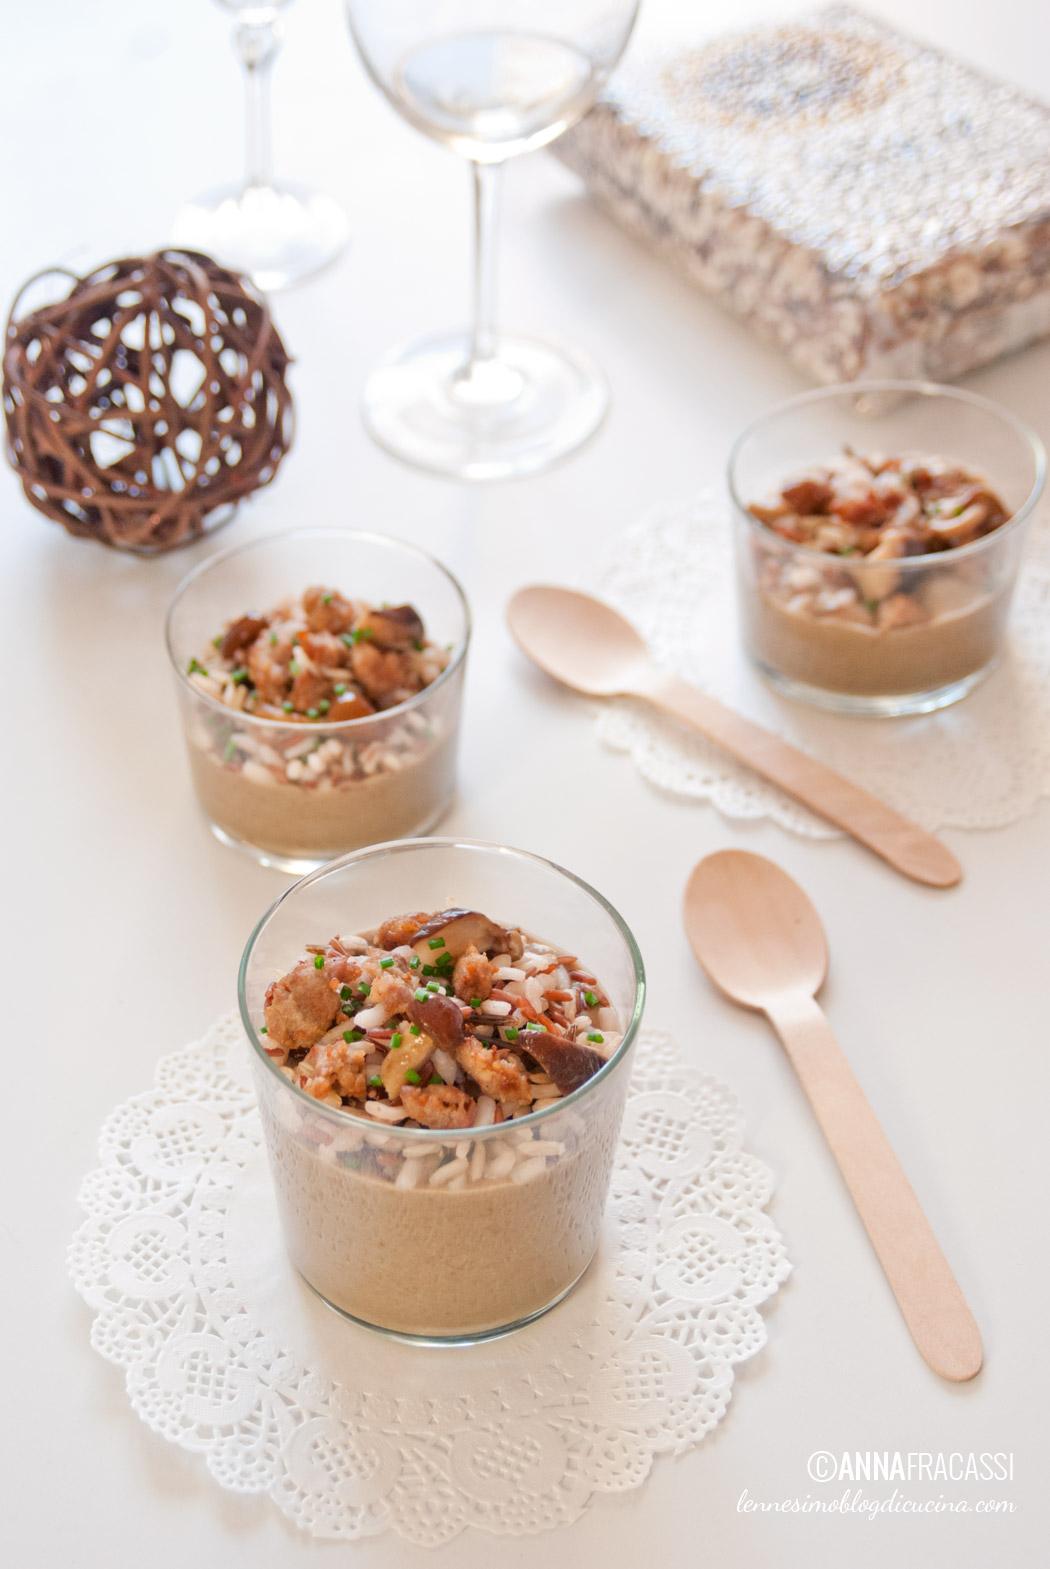 Vellutata di lenticchie e funghi con riso integrale e crumble di salsiccia